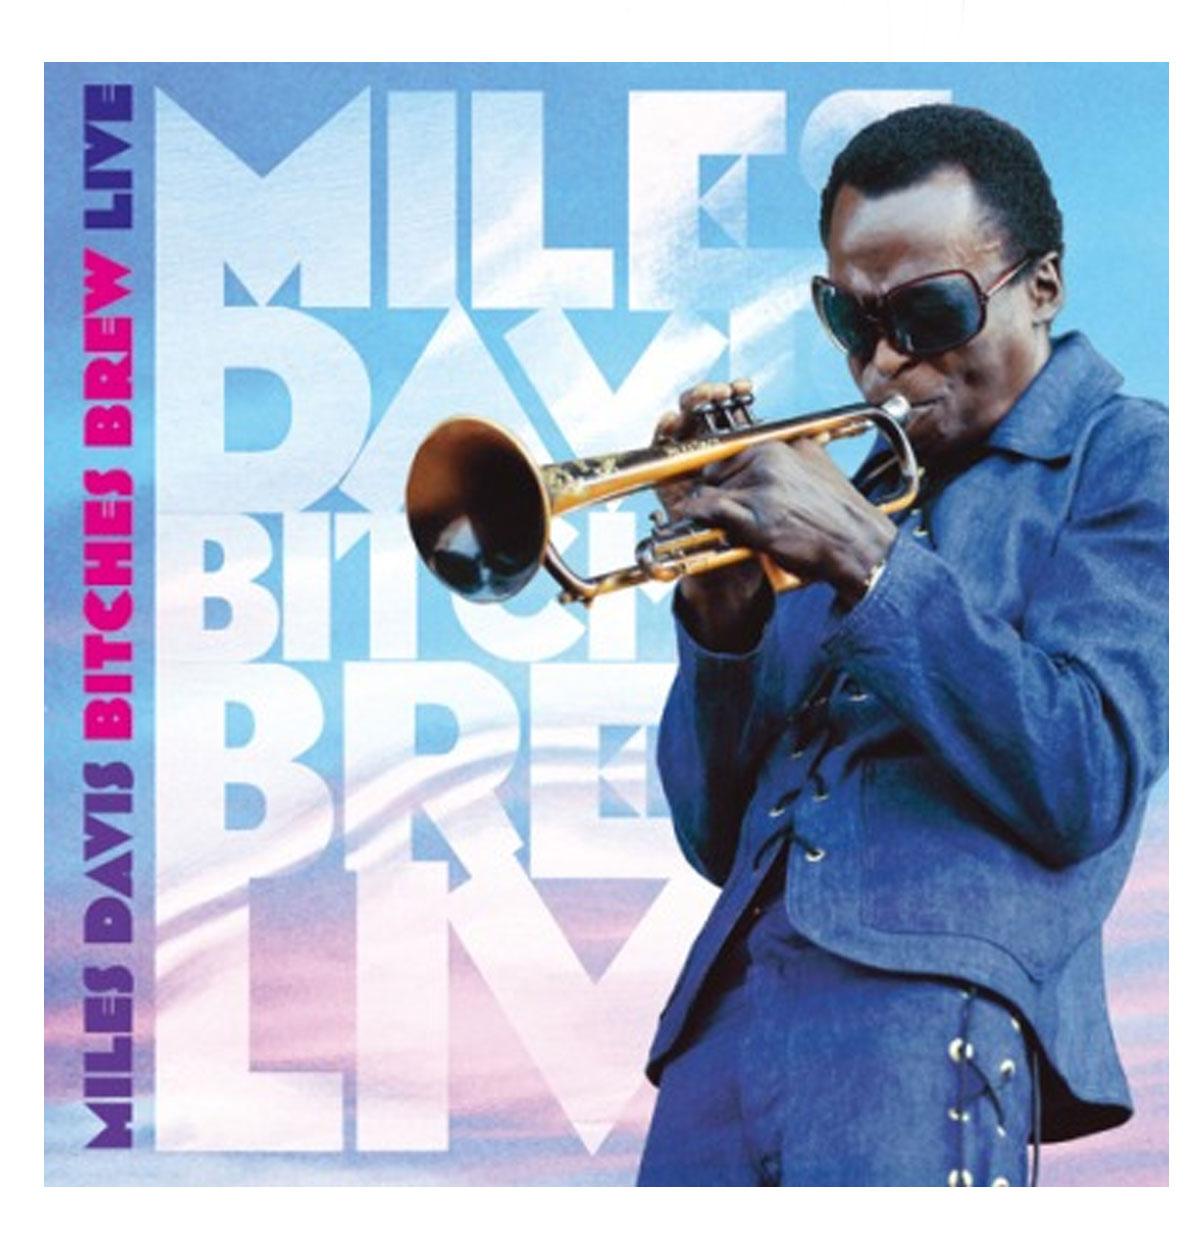 Miles Davis - Bitches Brew Live 2-LP